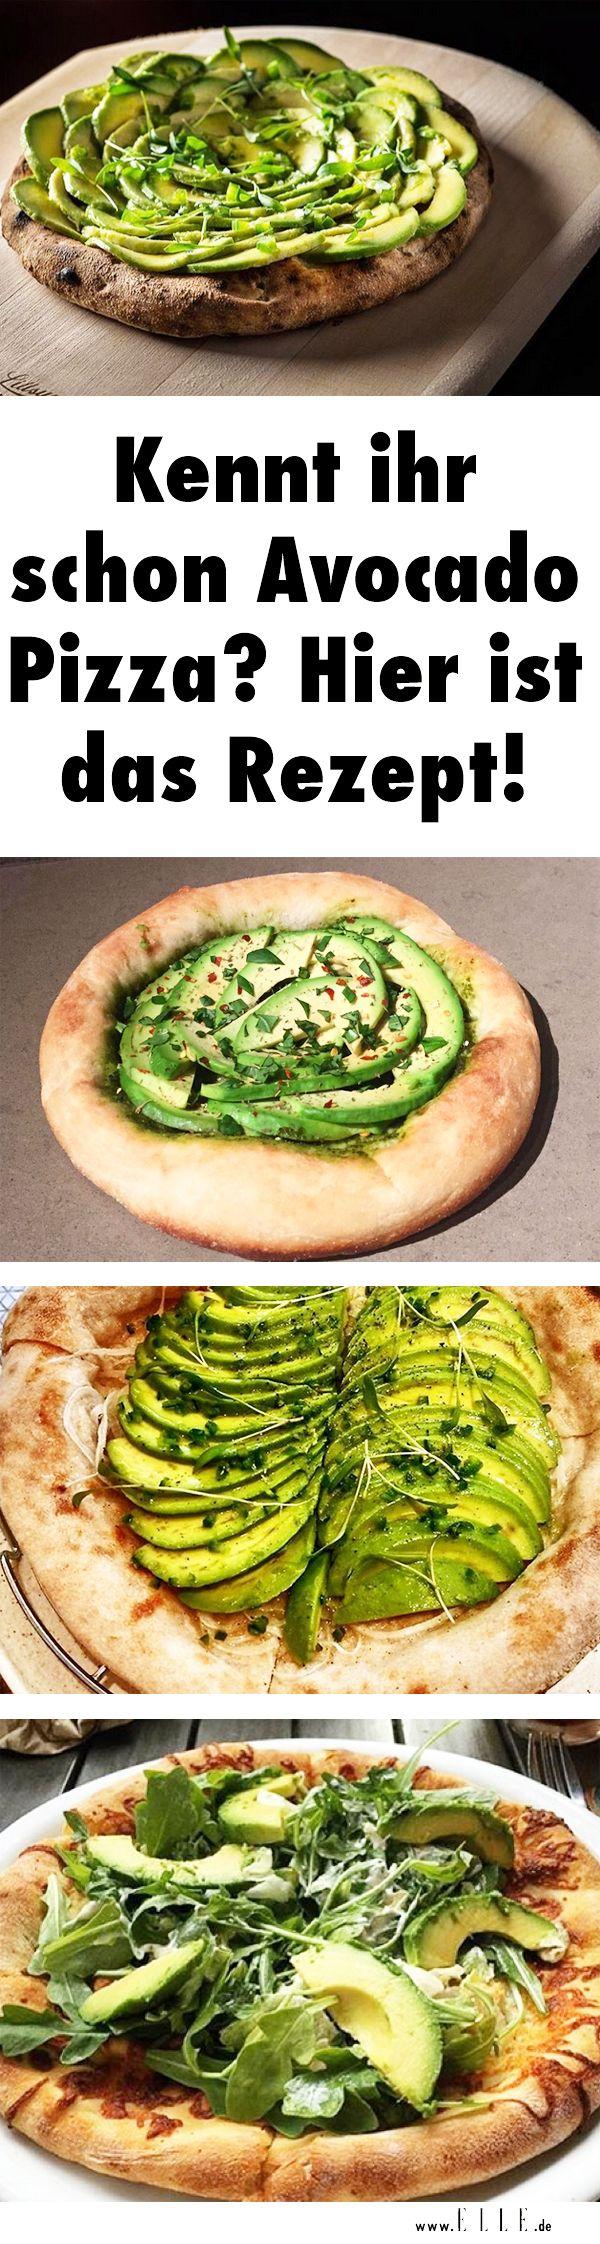 Kannst du auch einfach nicht genug von Avocados bekommen?! Zum Glück gibt es einen neuen Food-Trend, den wir euch nicht vorenthalten wollen...